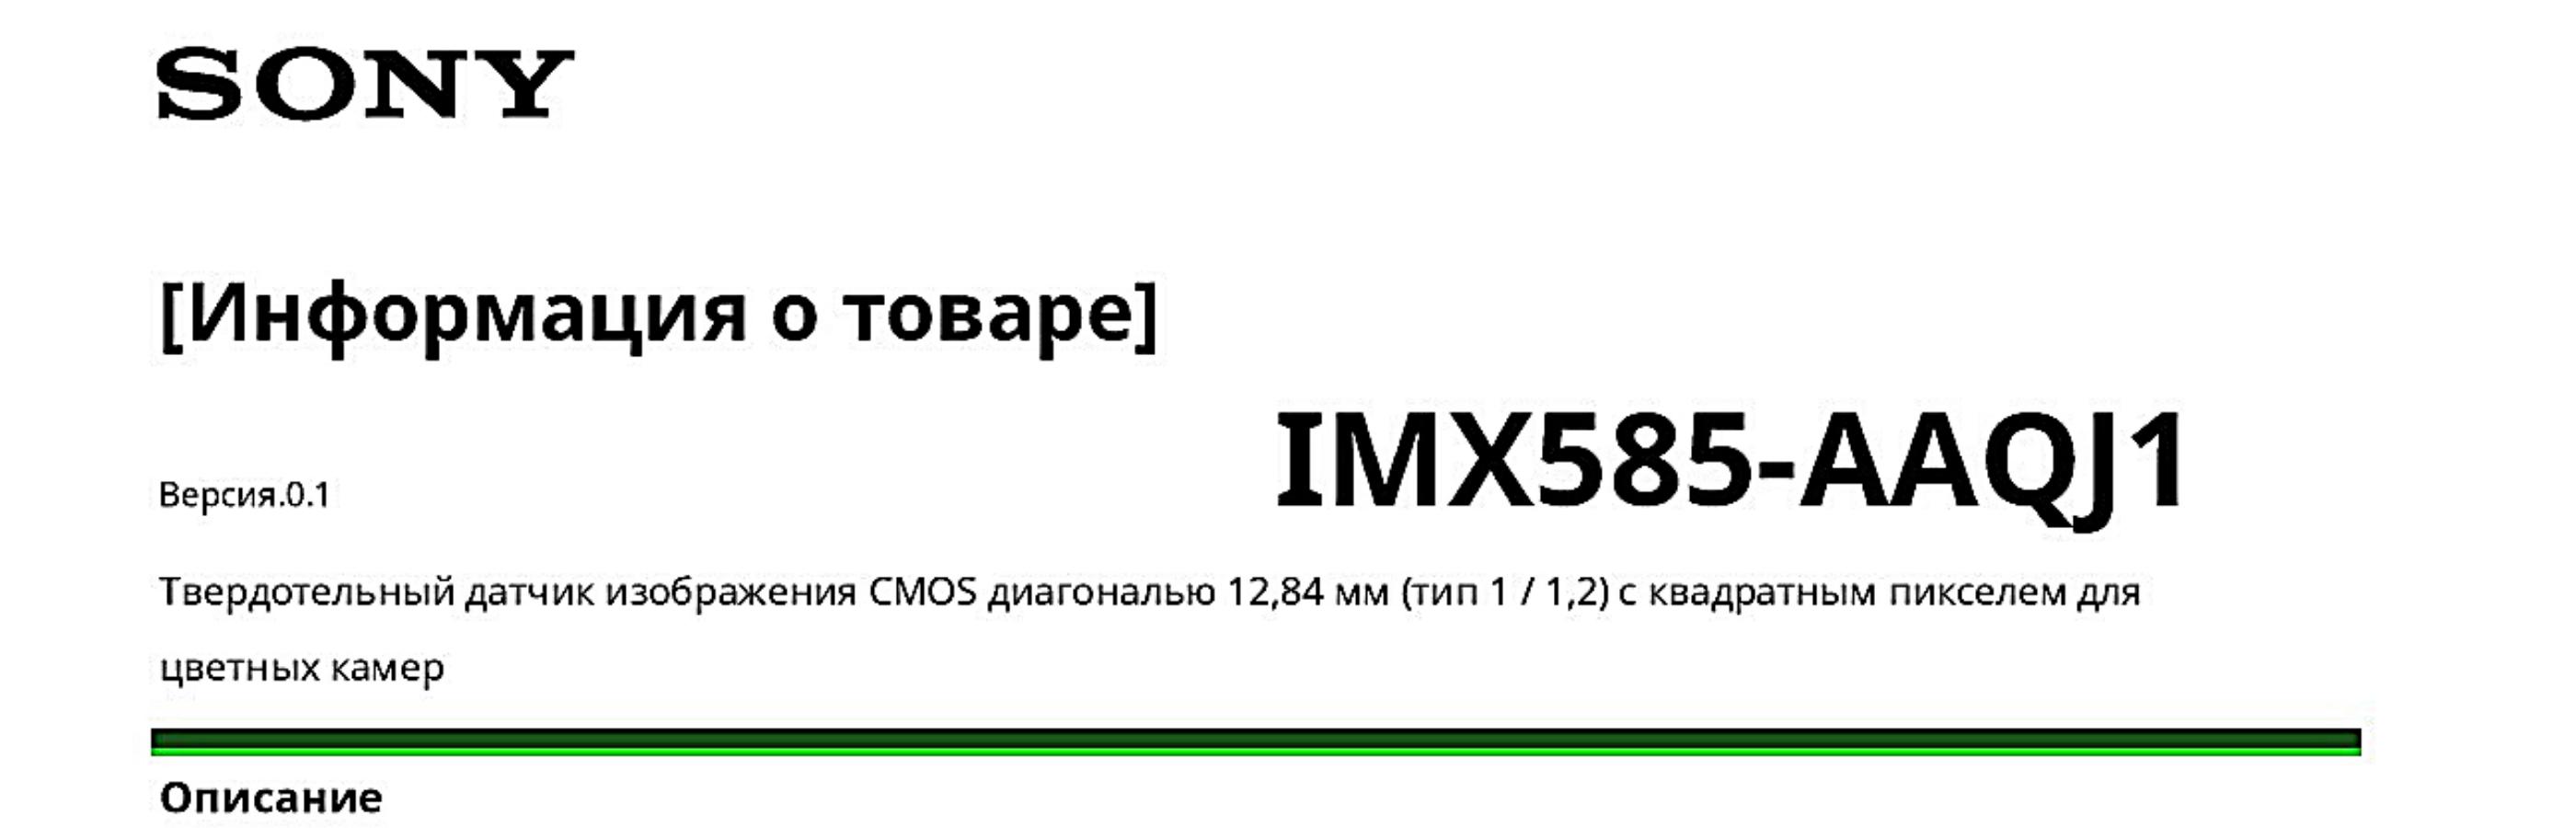 CMOS SONY STARVIS 2 IMX 585 описание